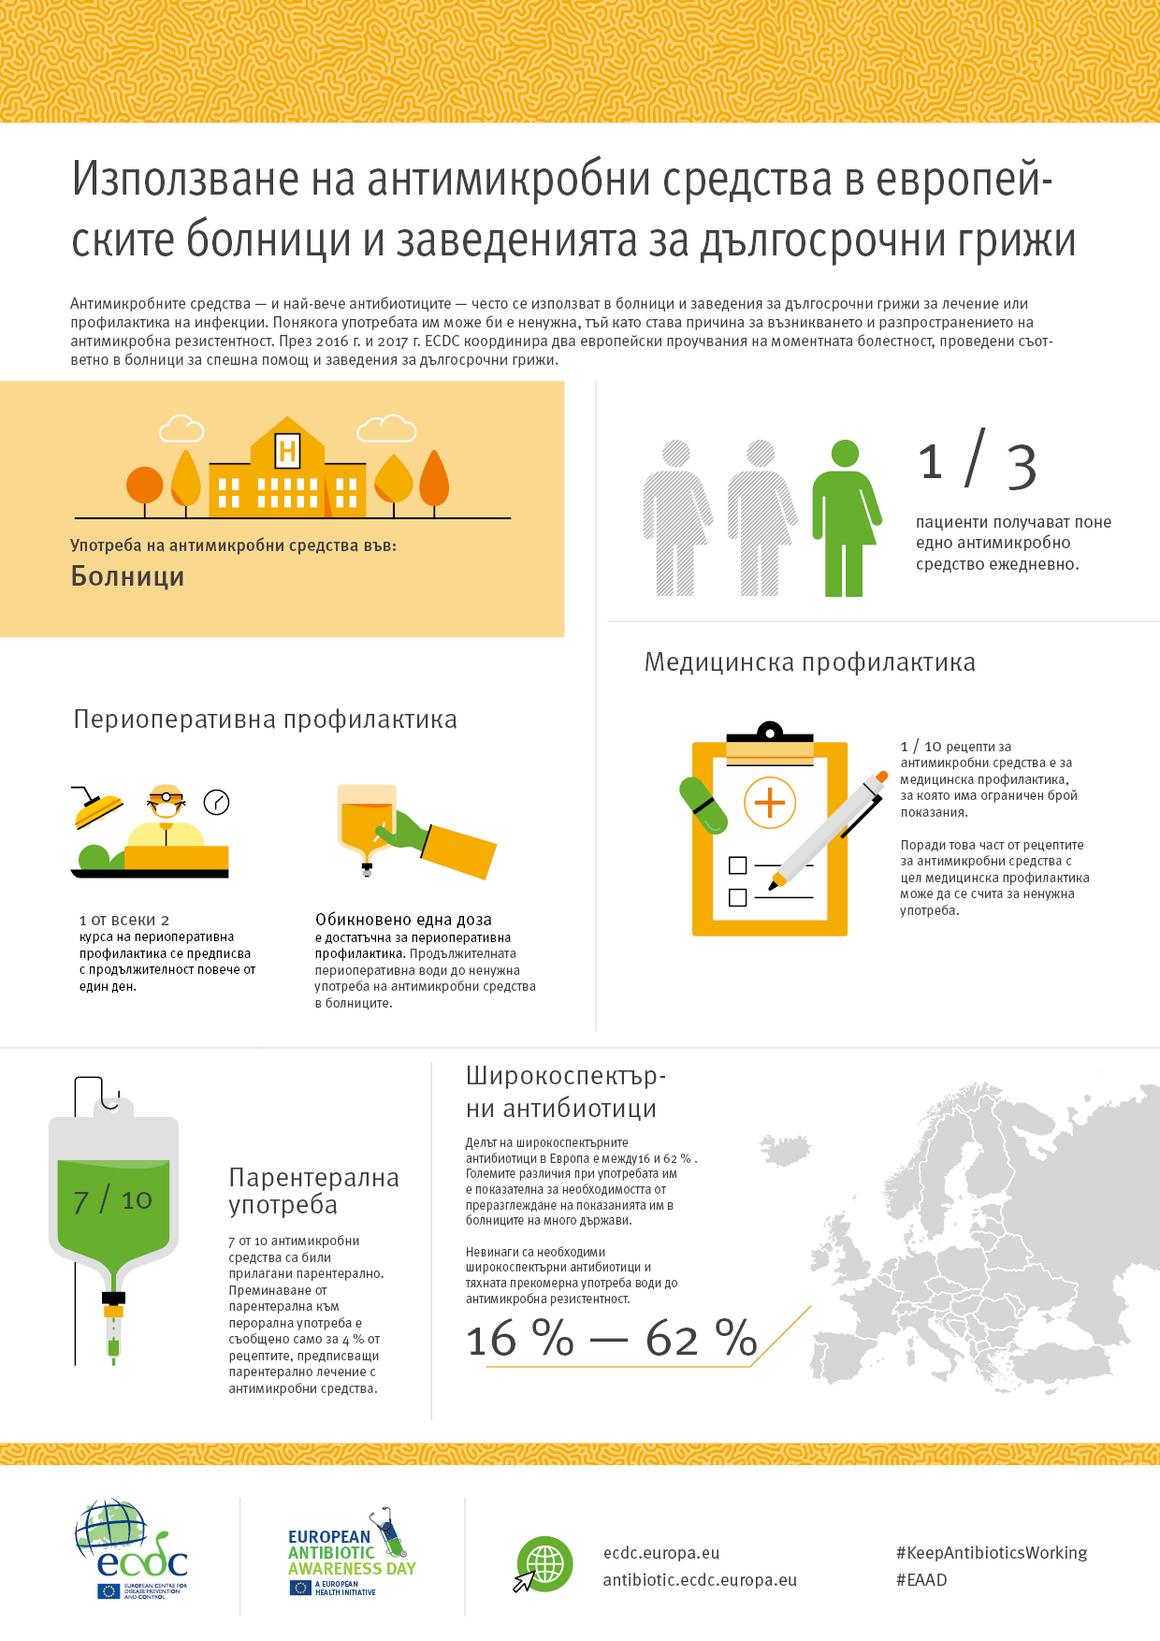 Използване на антимикробни средства в европей- ските болници и заведенията за дългосрочни грижи